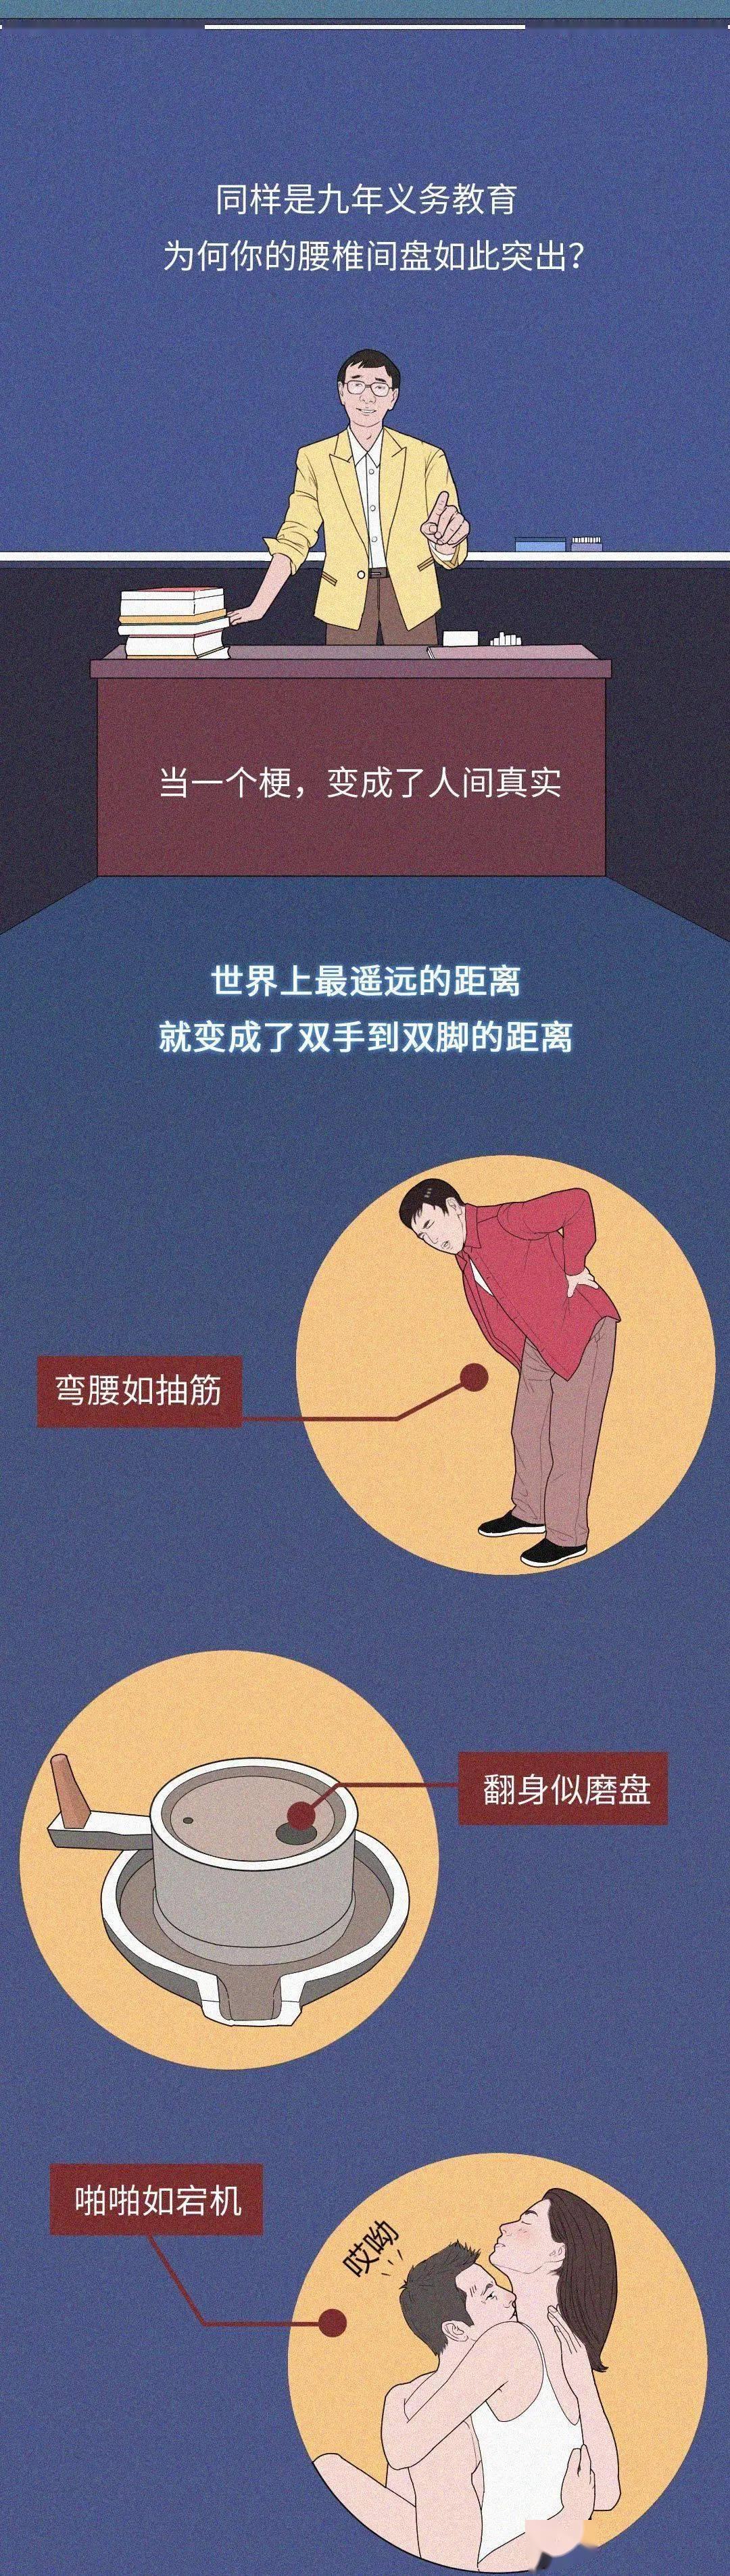 如何进行腰部护理